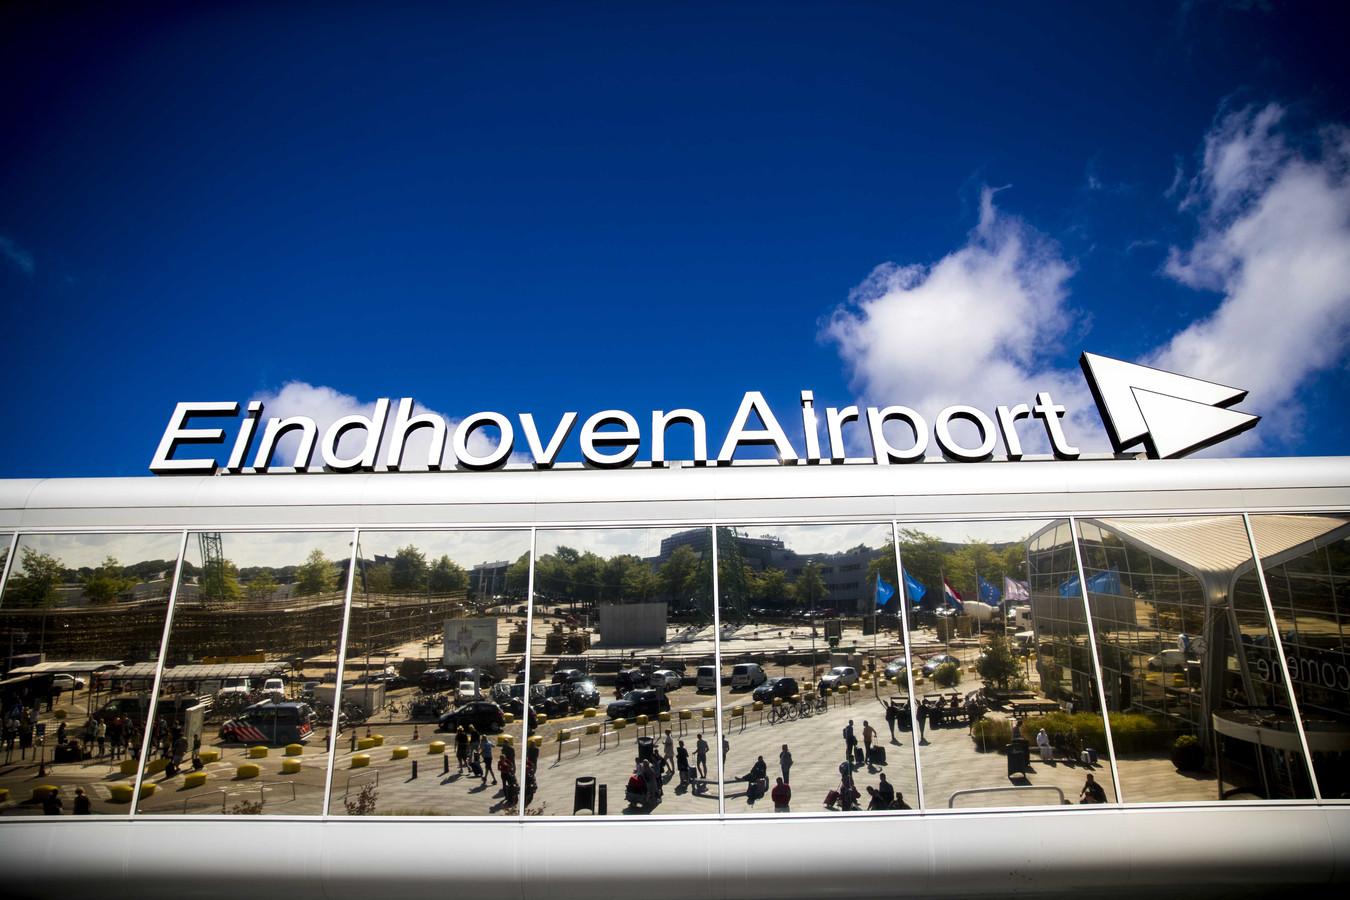 De vertrekhal van Eindhoven Airport. In de eerste zes maanden van het jaar maakten 2,9 miljoen reizigers gebruik van de luchthaven.